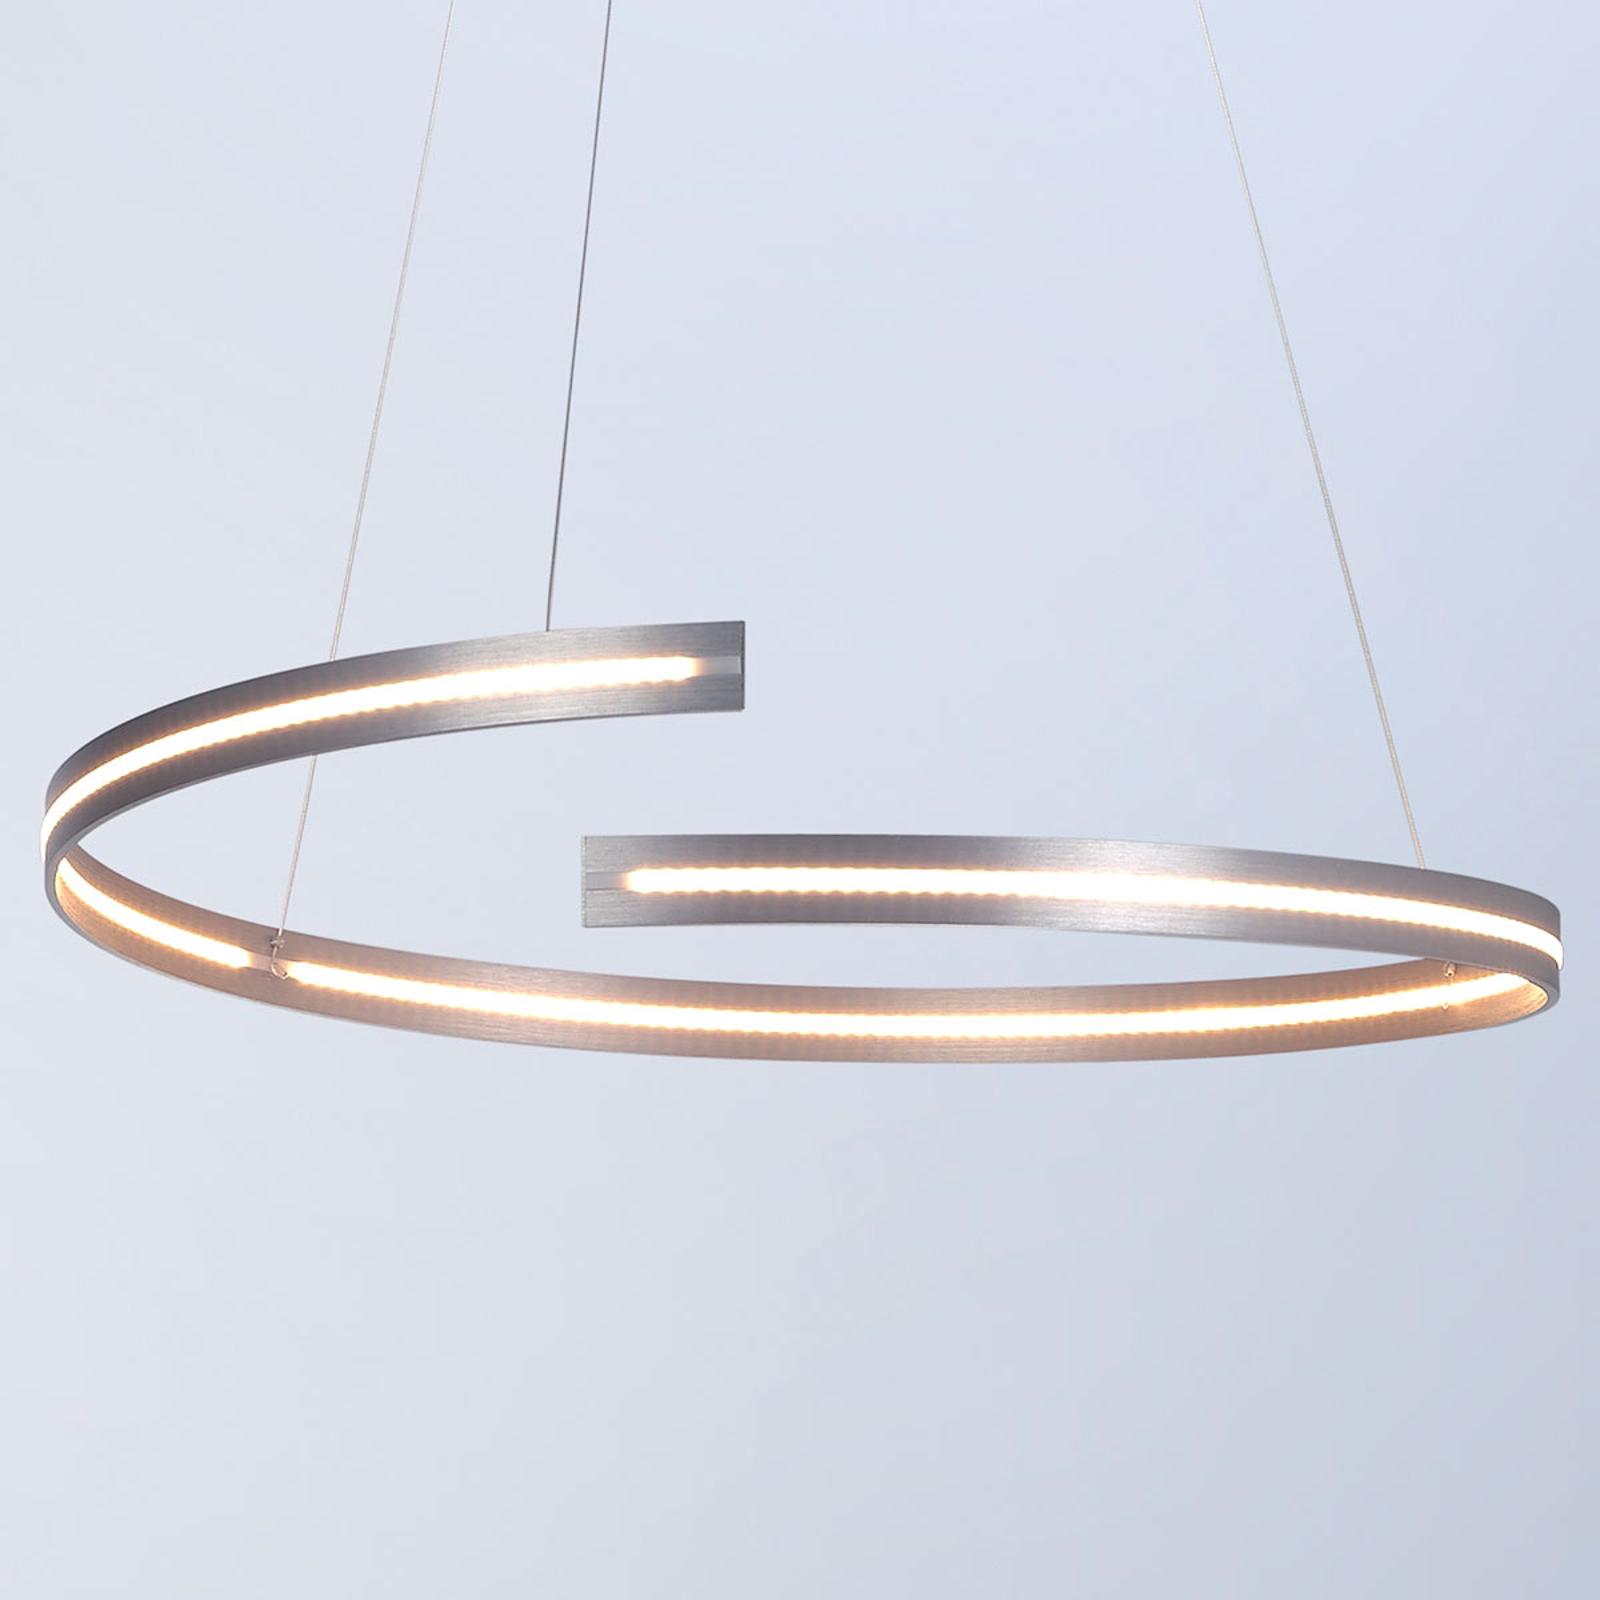 Bopp Break - lampa wisząca LED, 70 cm aluminium